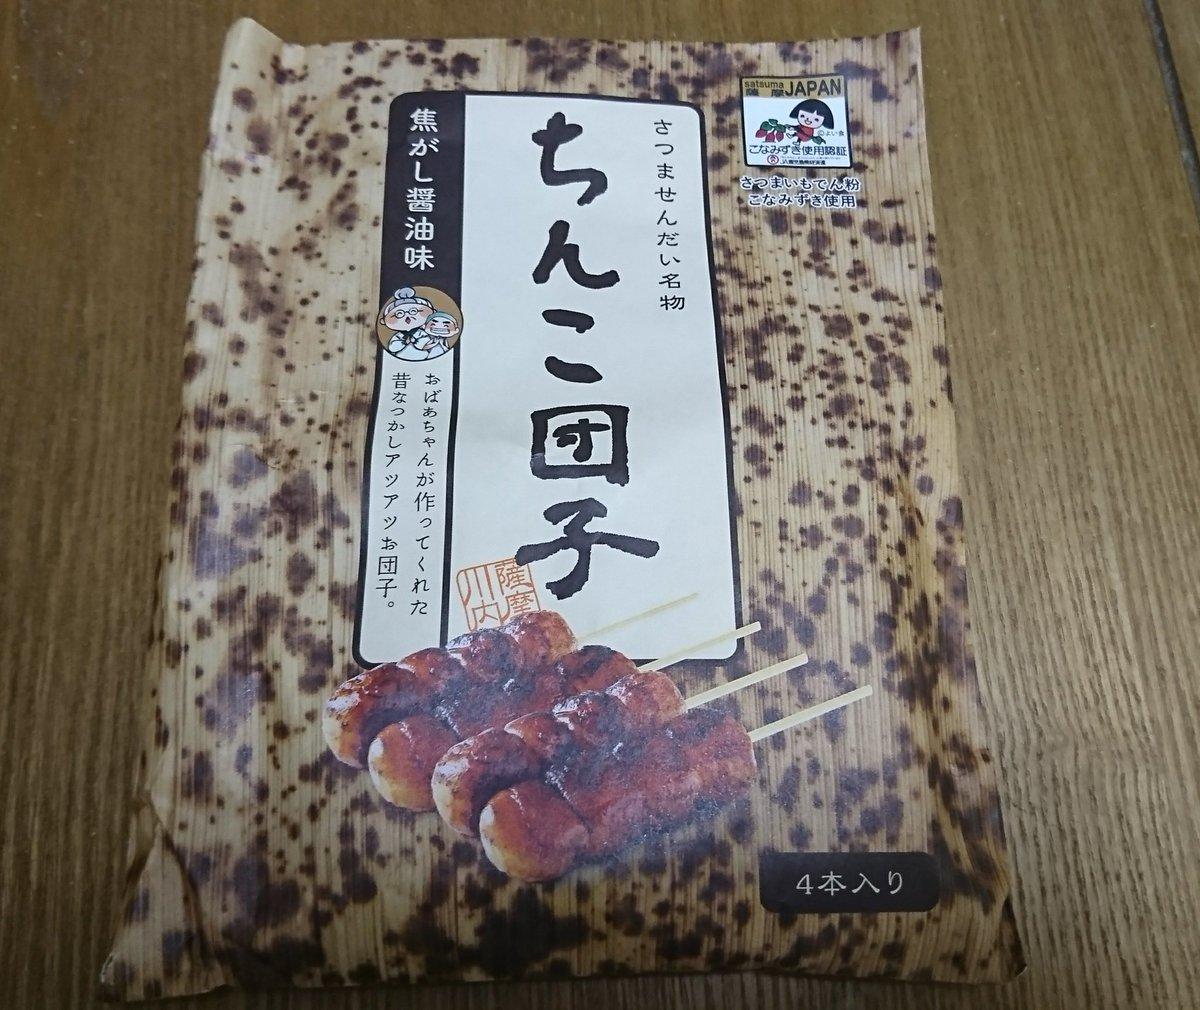 9/1から戸越銀座商店街にオープンした鹿児島県薩摩川内市のアンテナショップ「薩摩國」ですが、薩摩川内名物「「「ちんこ団子」」」も買えますので是非お越しください  揚げたてのきびなごやさつま揚げも食べられますし焼酎の品揃えも豊富です https://t.co/6plCKYV8wK